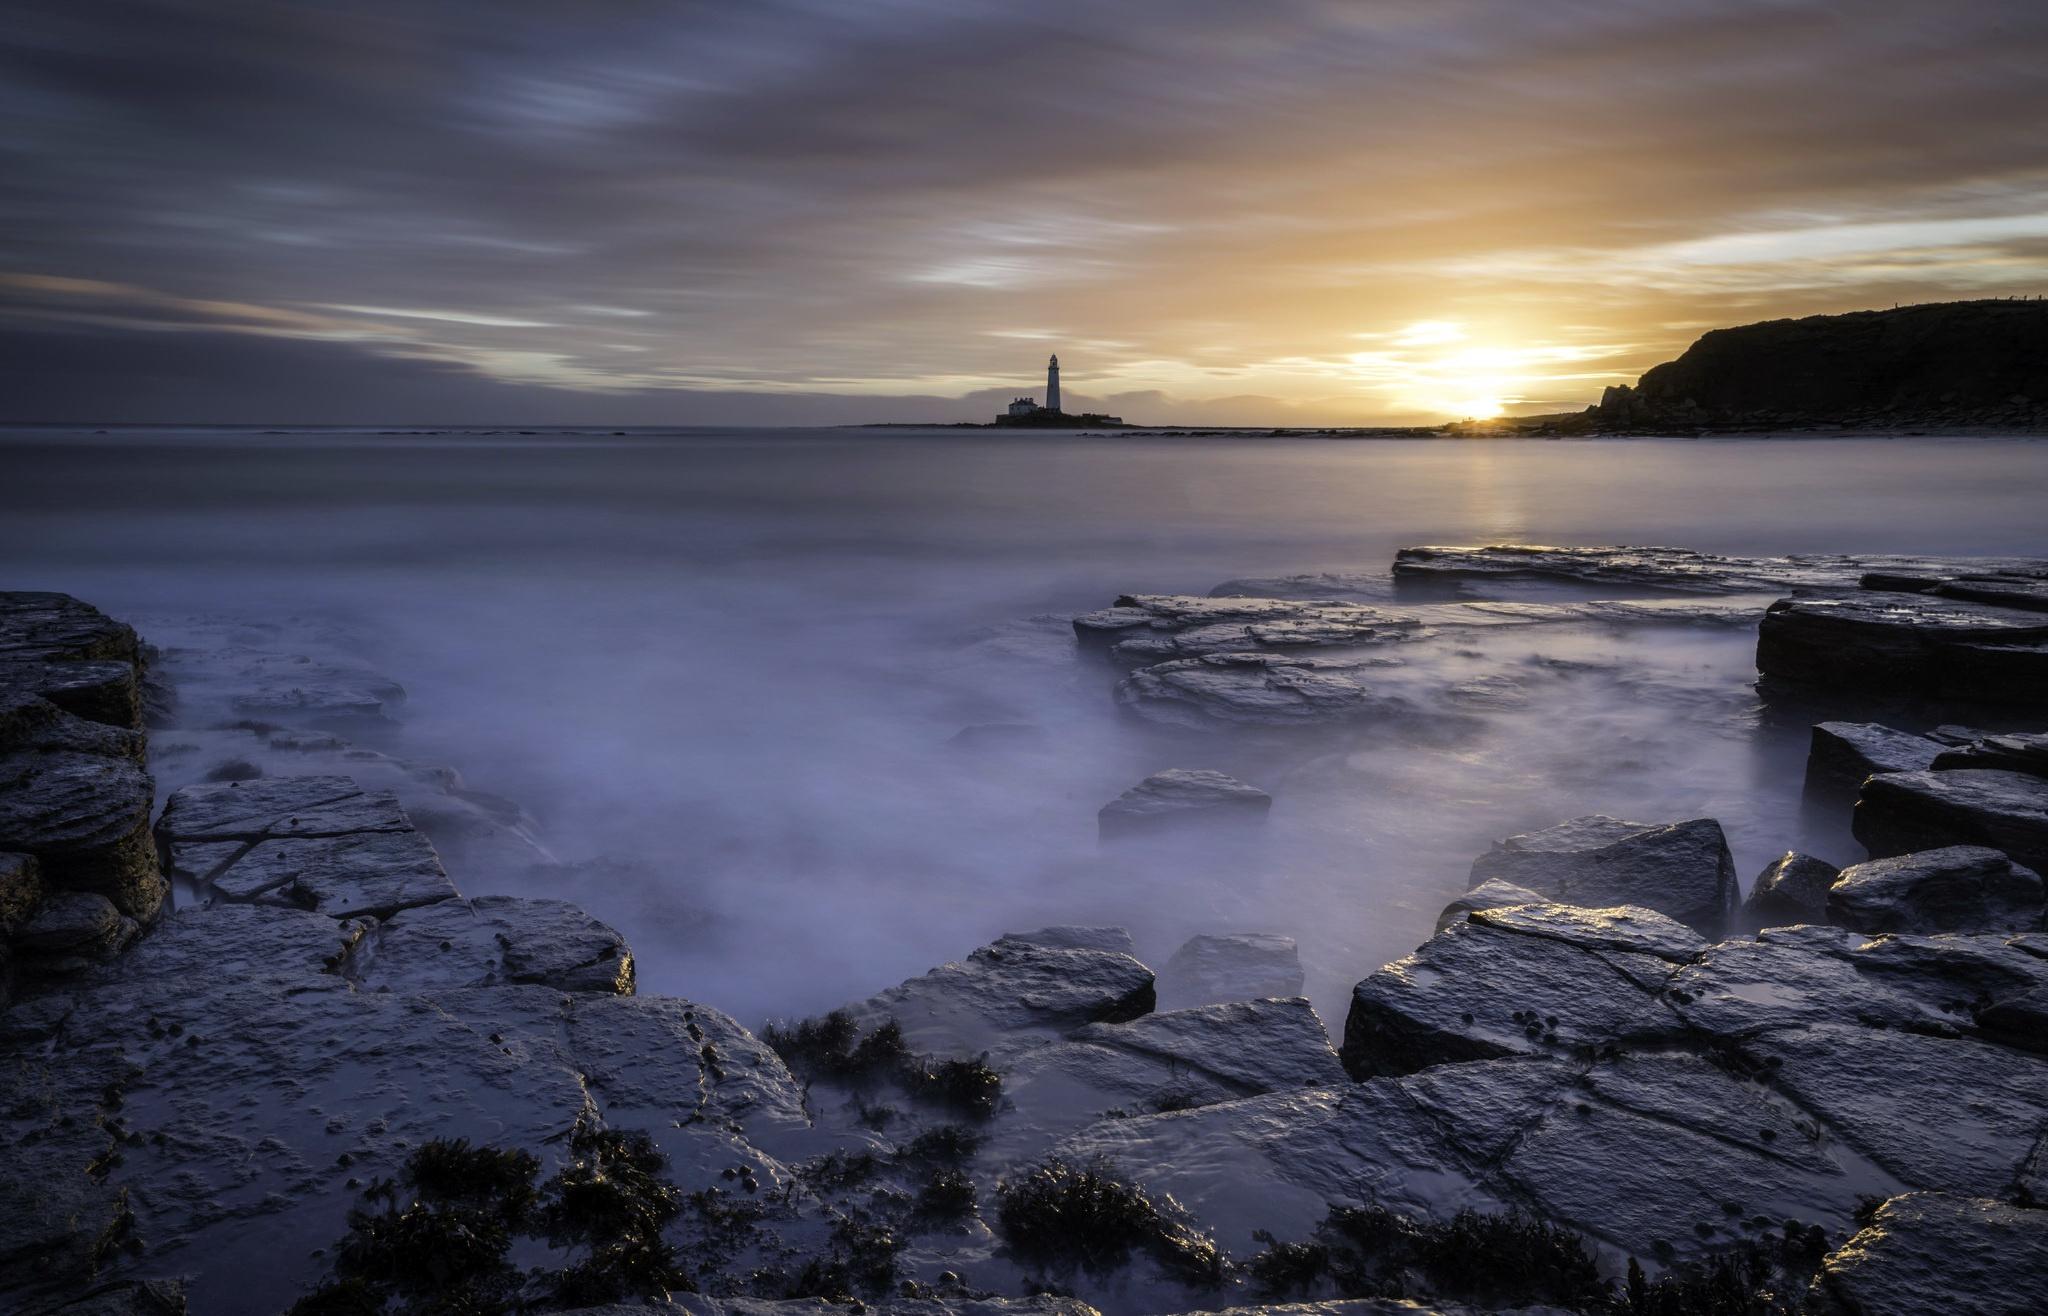 маяк море берег lighthouse sea shore  № 2220770 загрузить